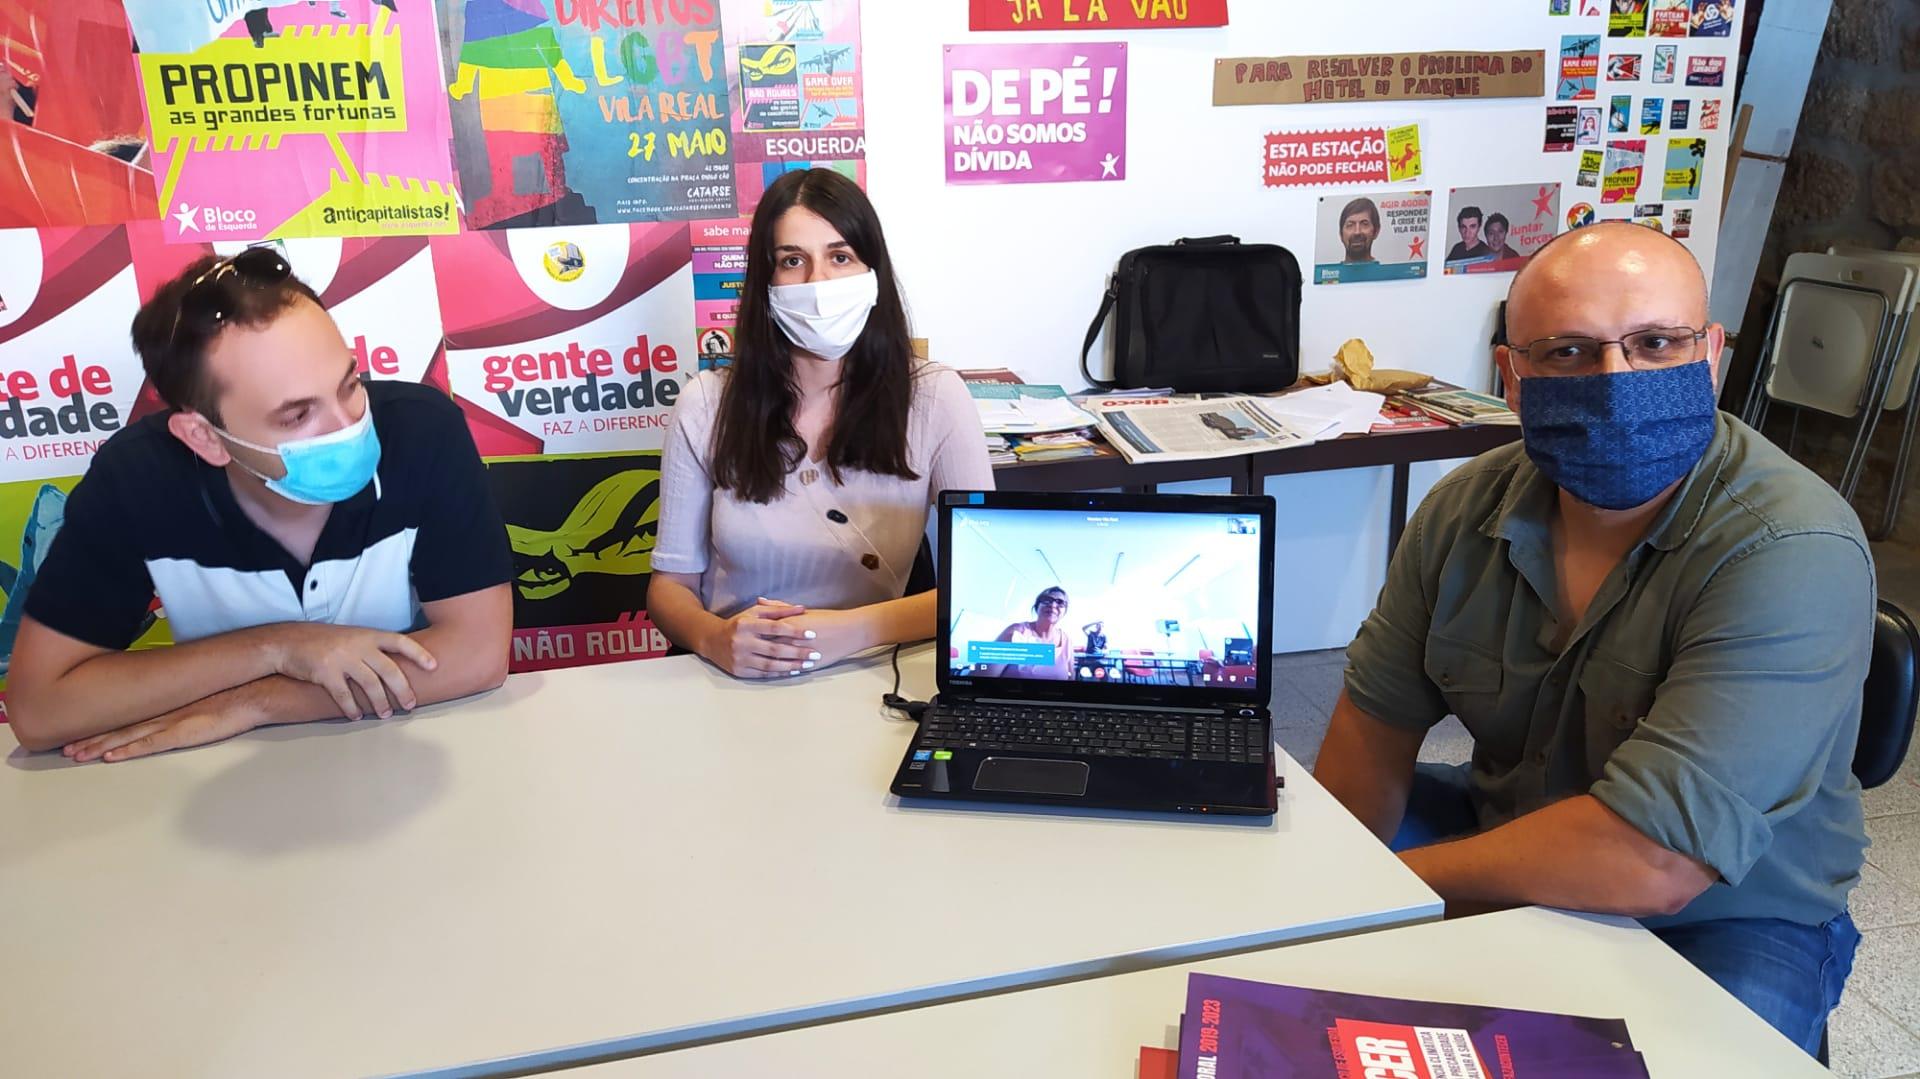 Bloco Vila Real reuniu com STRUP para discutir as condições de trabalho dos motoristas de transporte coletivo de passageiros